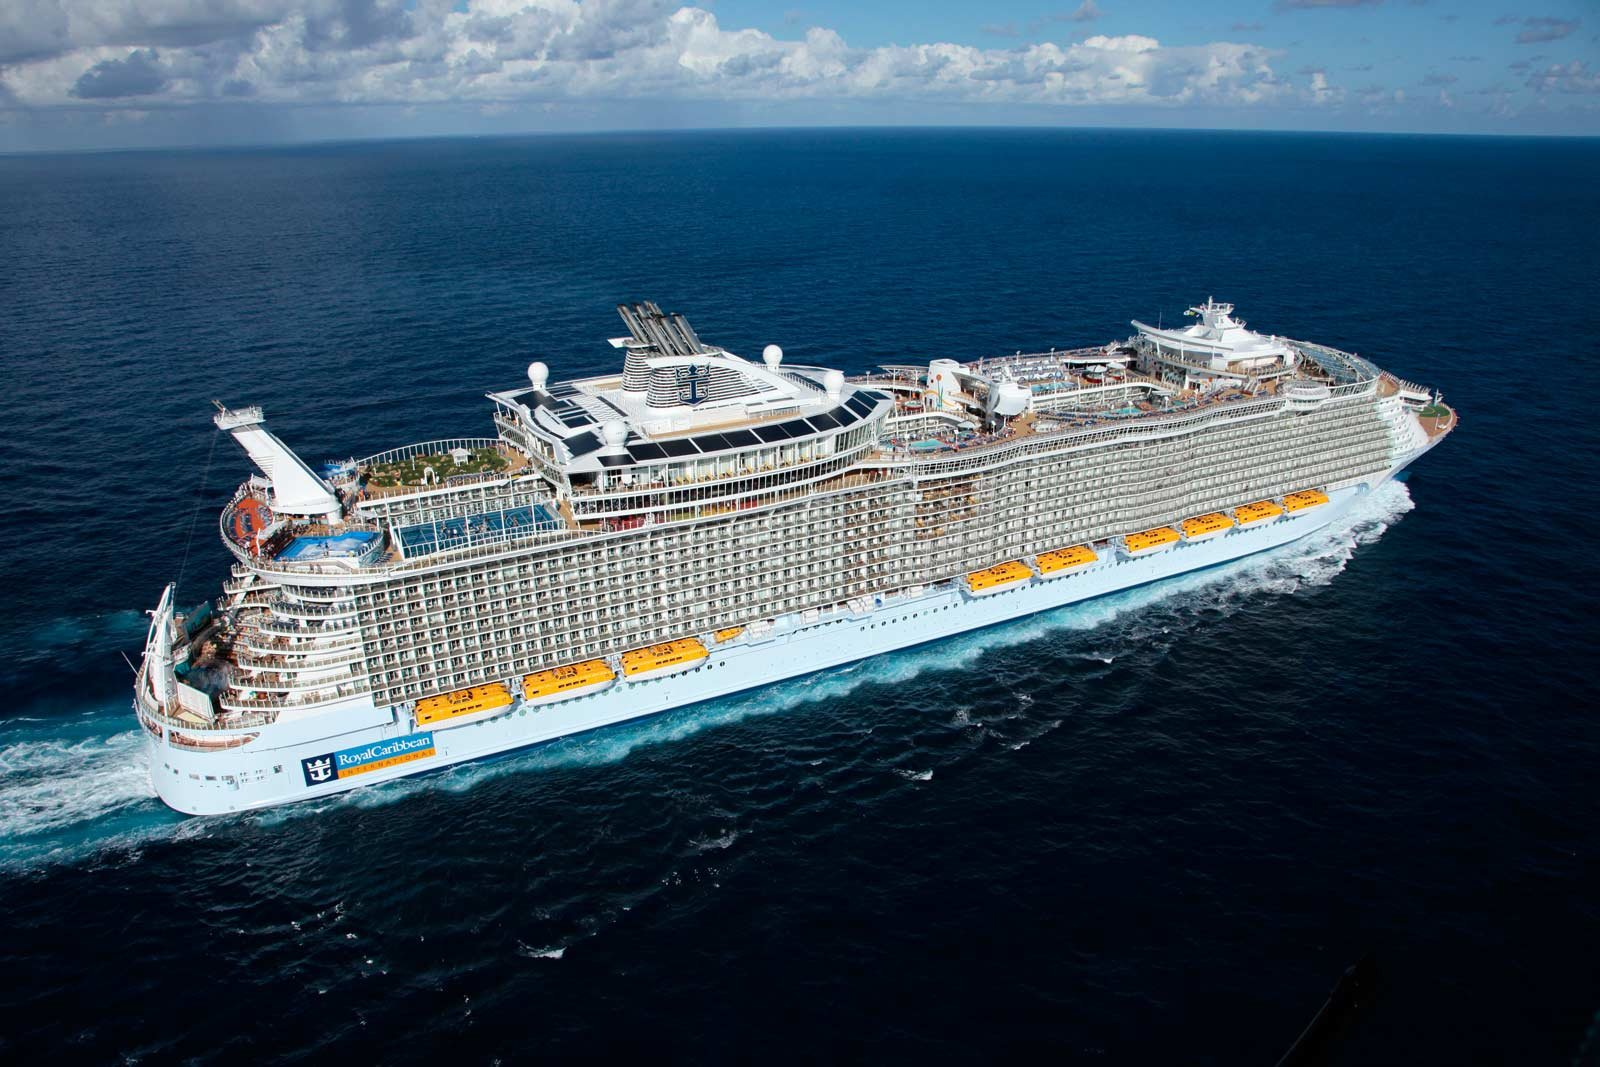 Zanimljivost dana: Najveći putnički brod na svetu